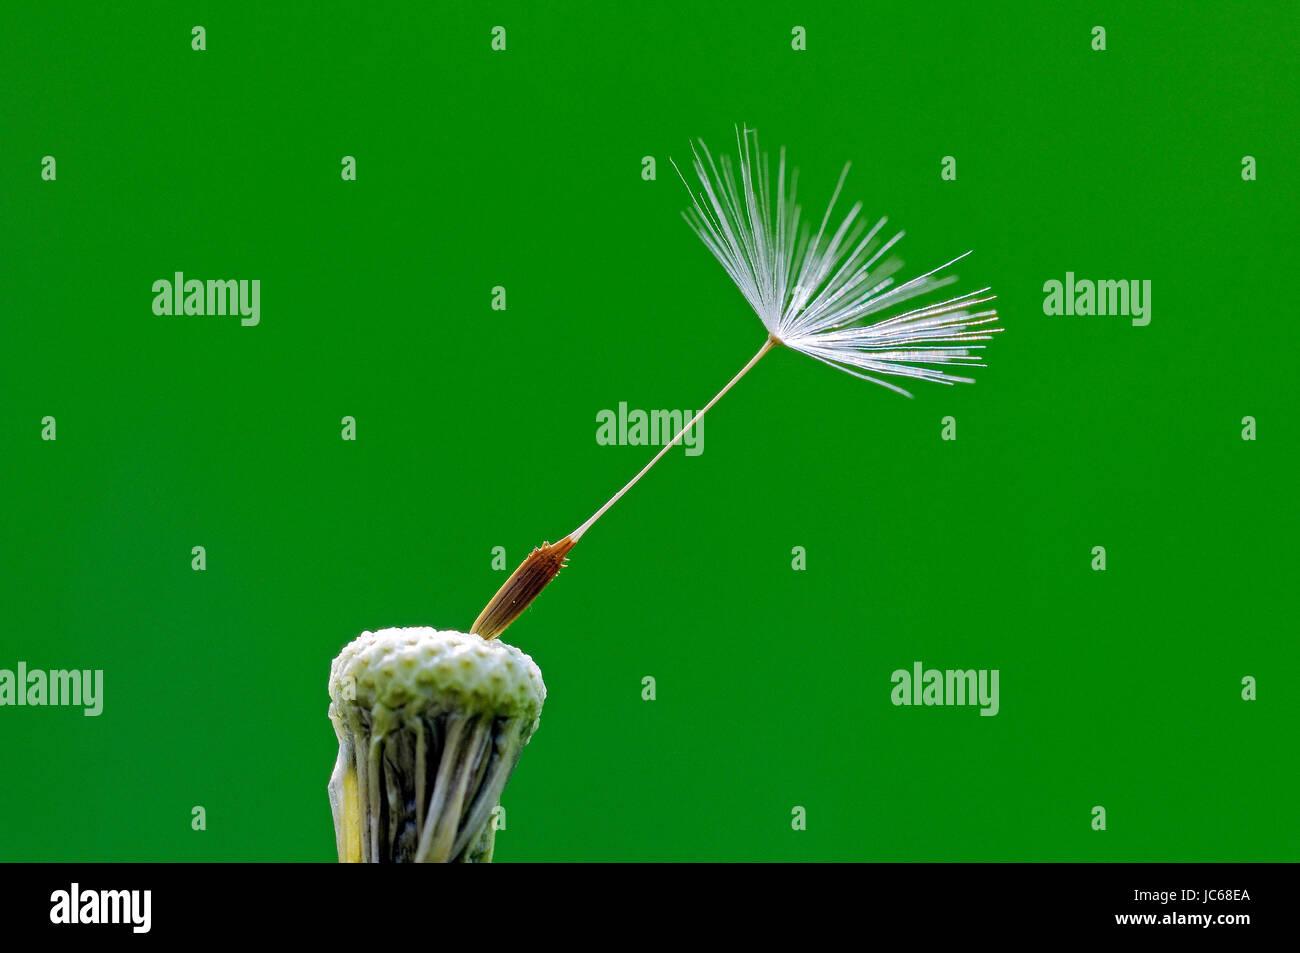 Single seed of the dandelion, Einzelner Samen des Löwenzahn - Stock Image